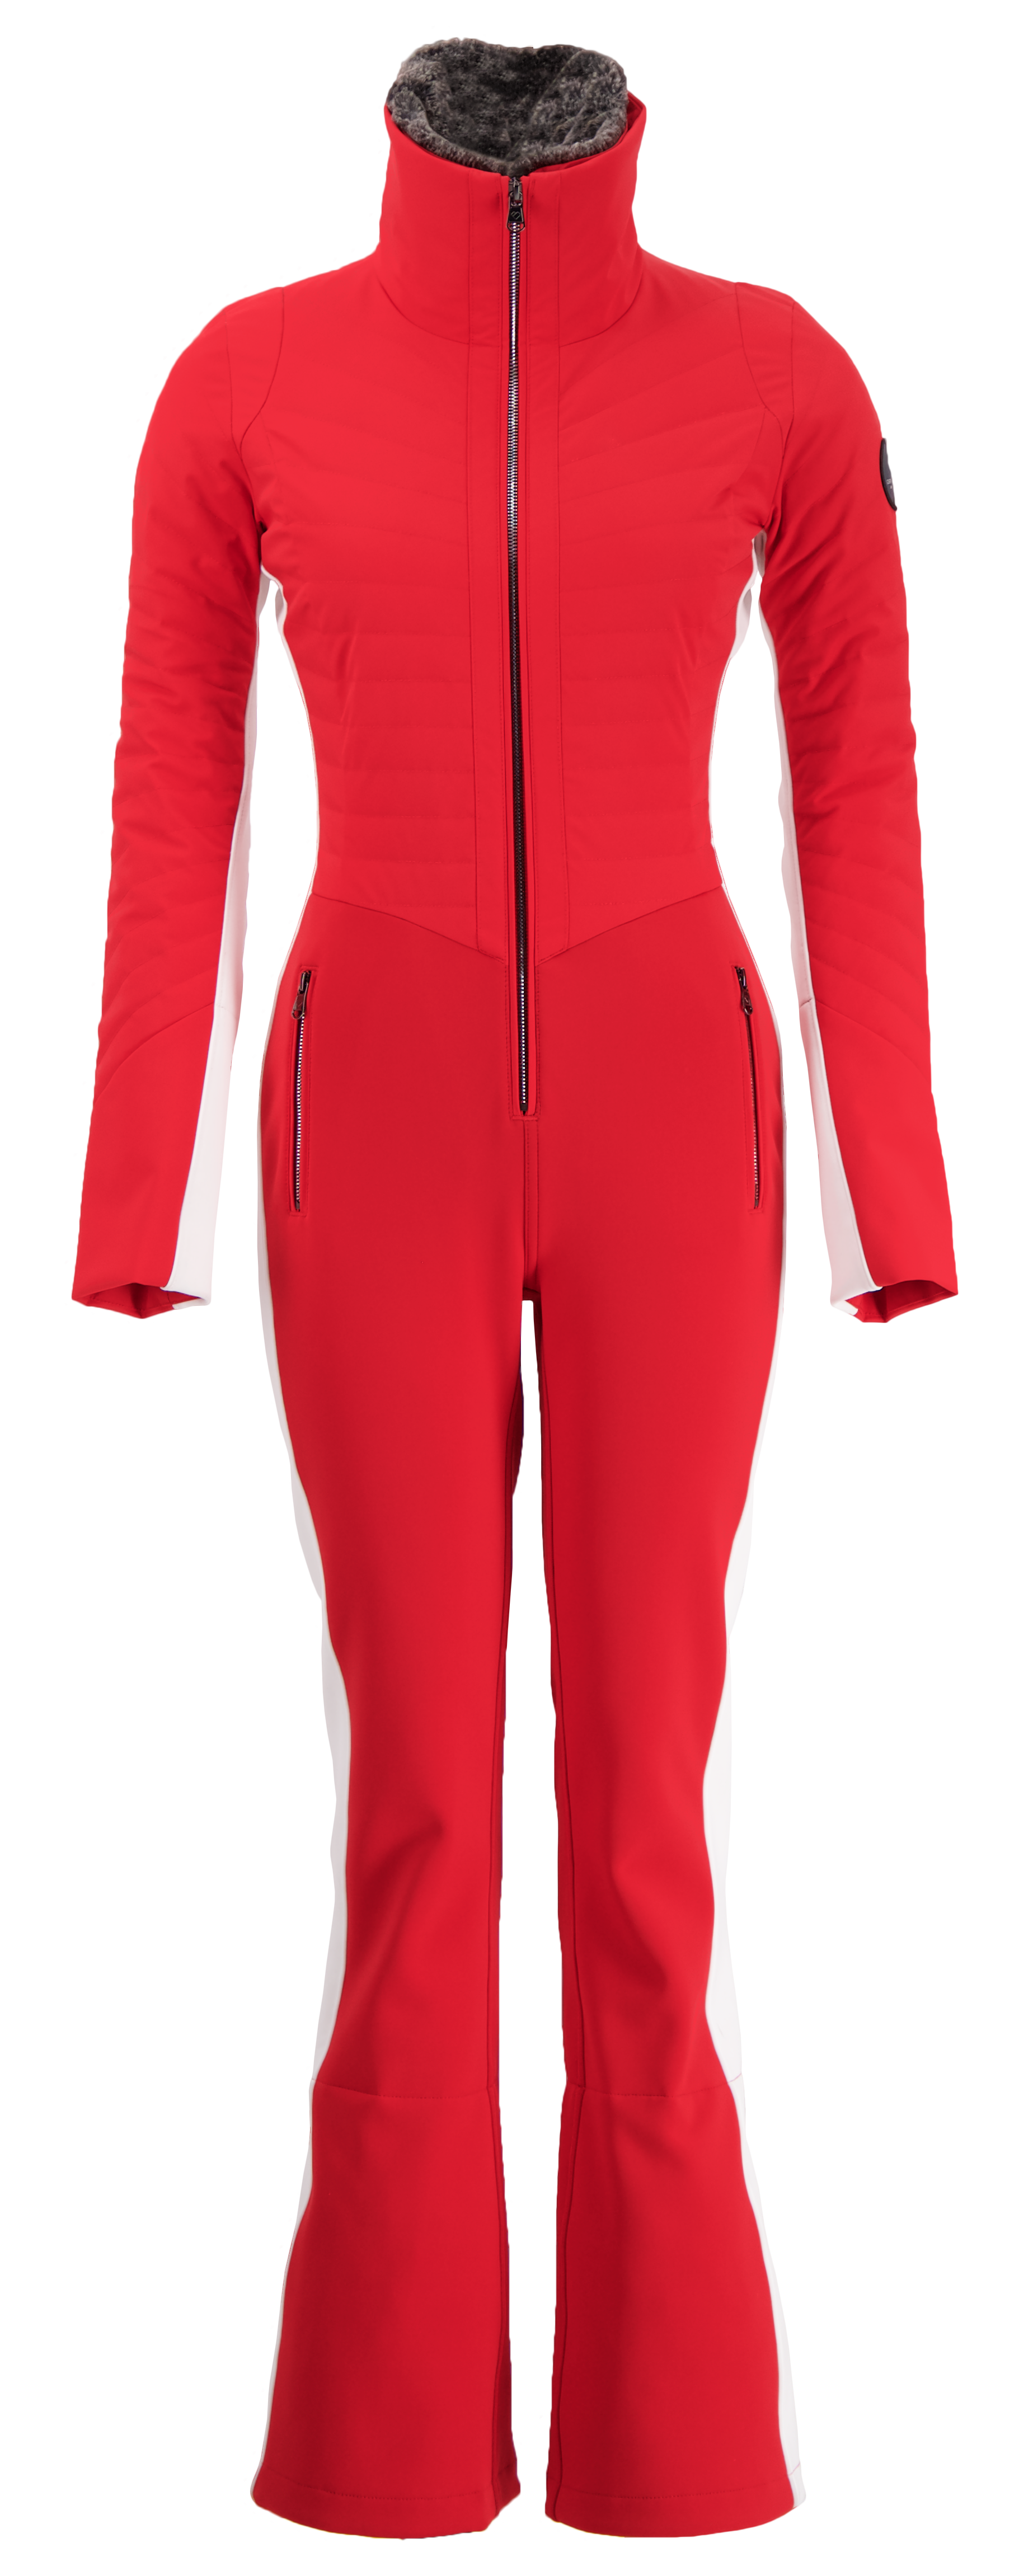 2020 Salomon S/Pro Ski Boot